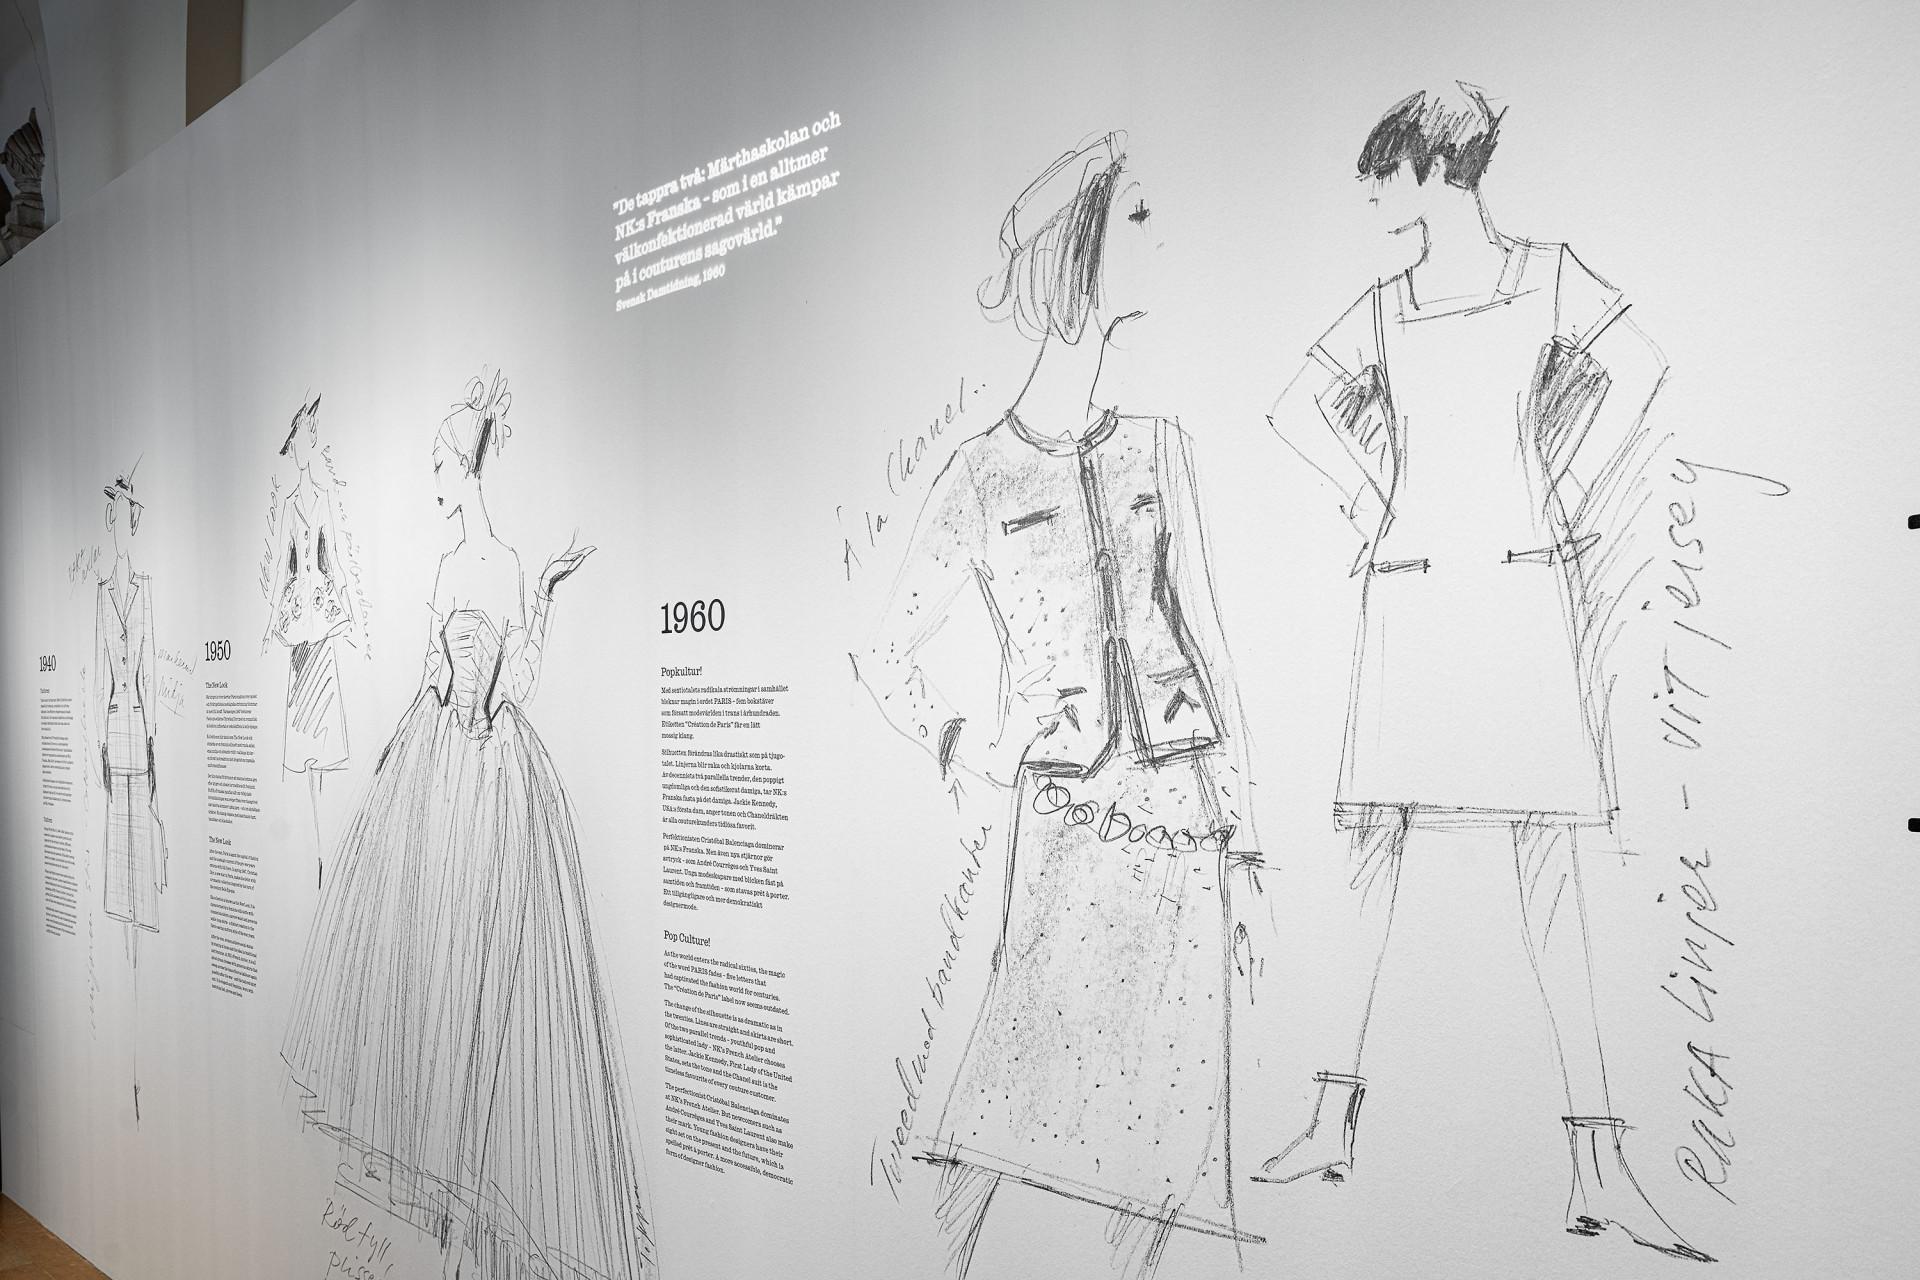 Modeskisser på en vägg